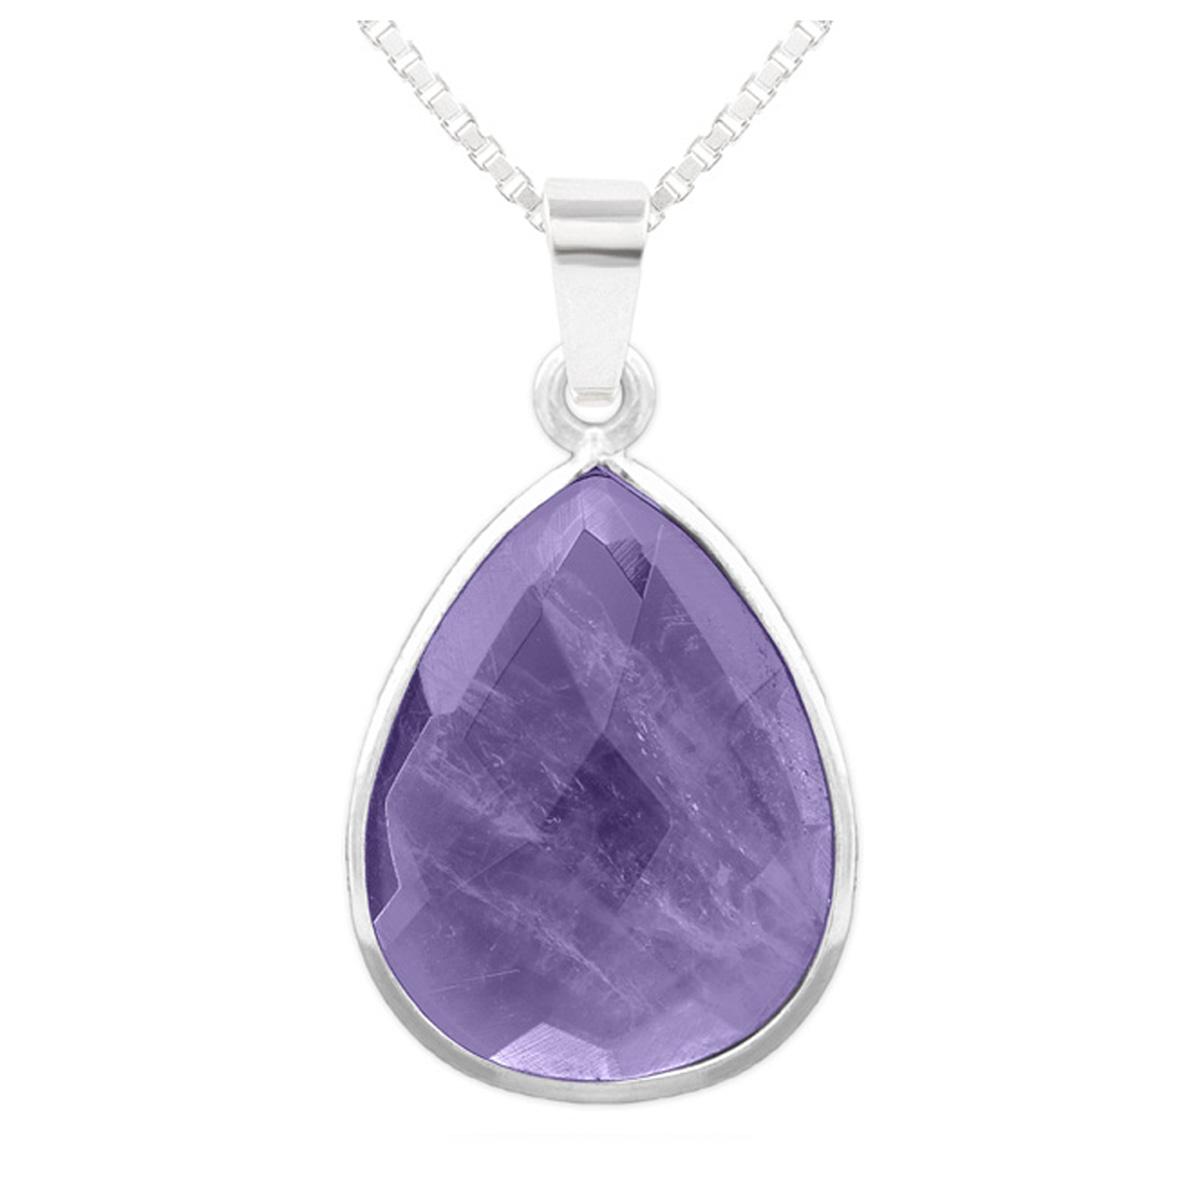 Collier argent artisanal \'Mineralia\' améthyste argenté - 18x14 mm - [R1020]